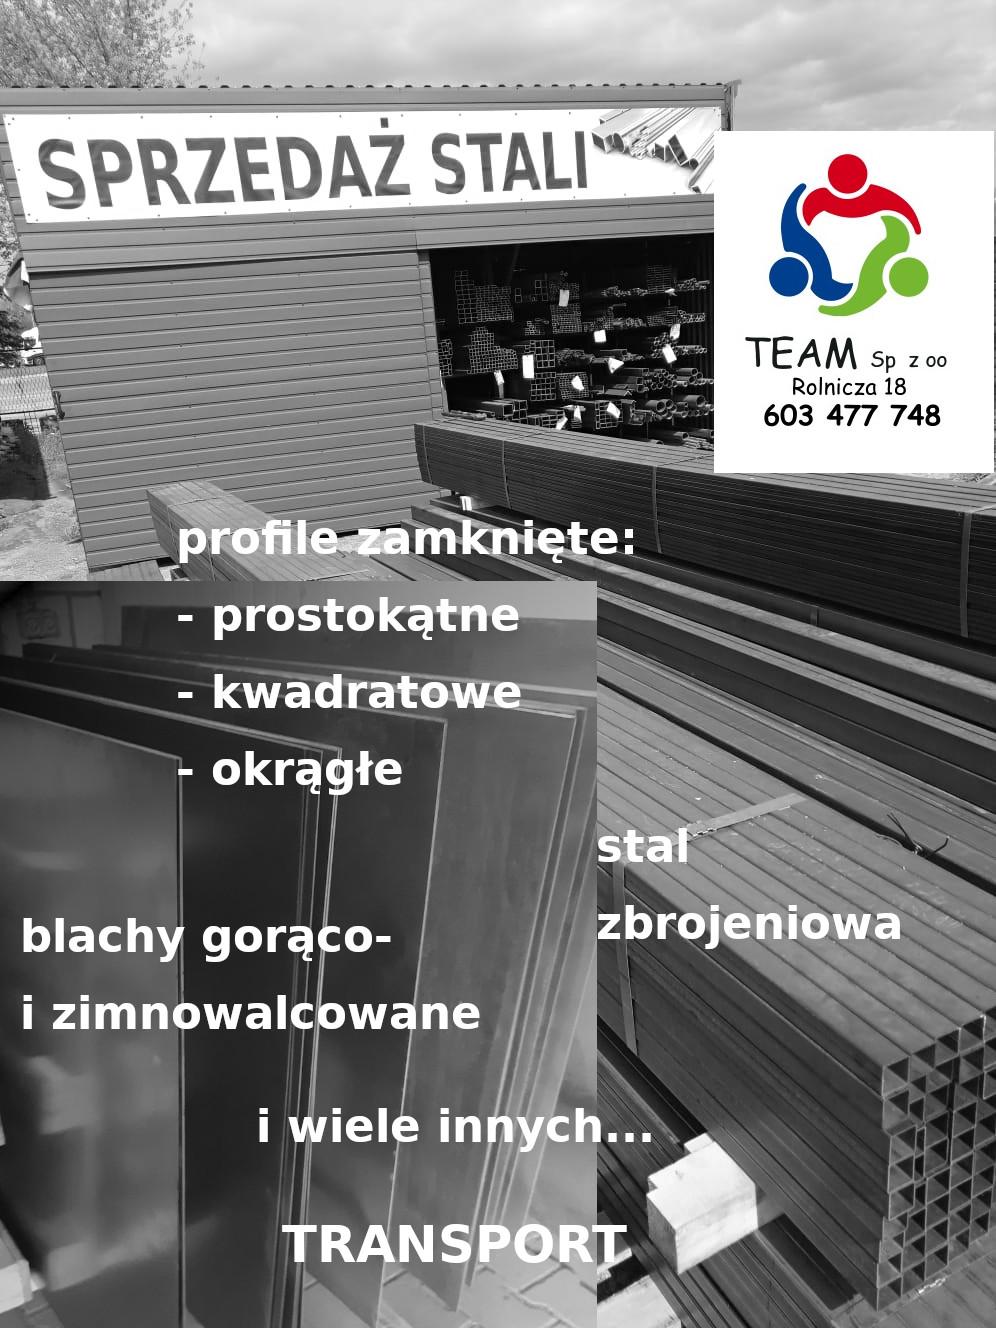 Team Tomaszów – skład partnerski firmy CZARMET w Tomaszowie Lubelskim